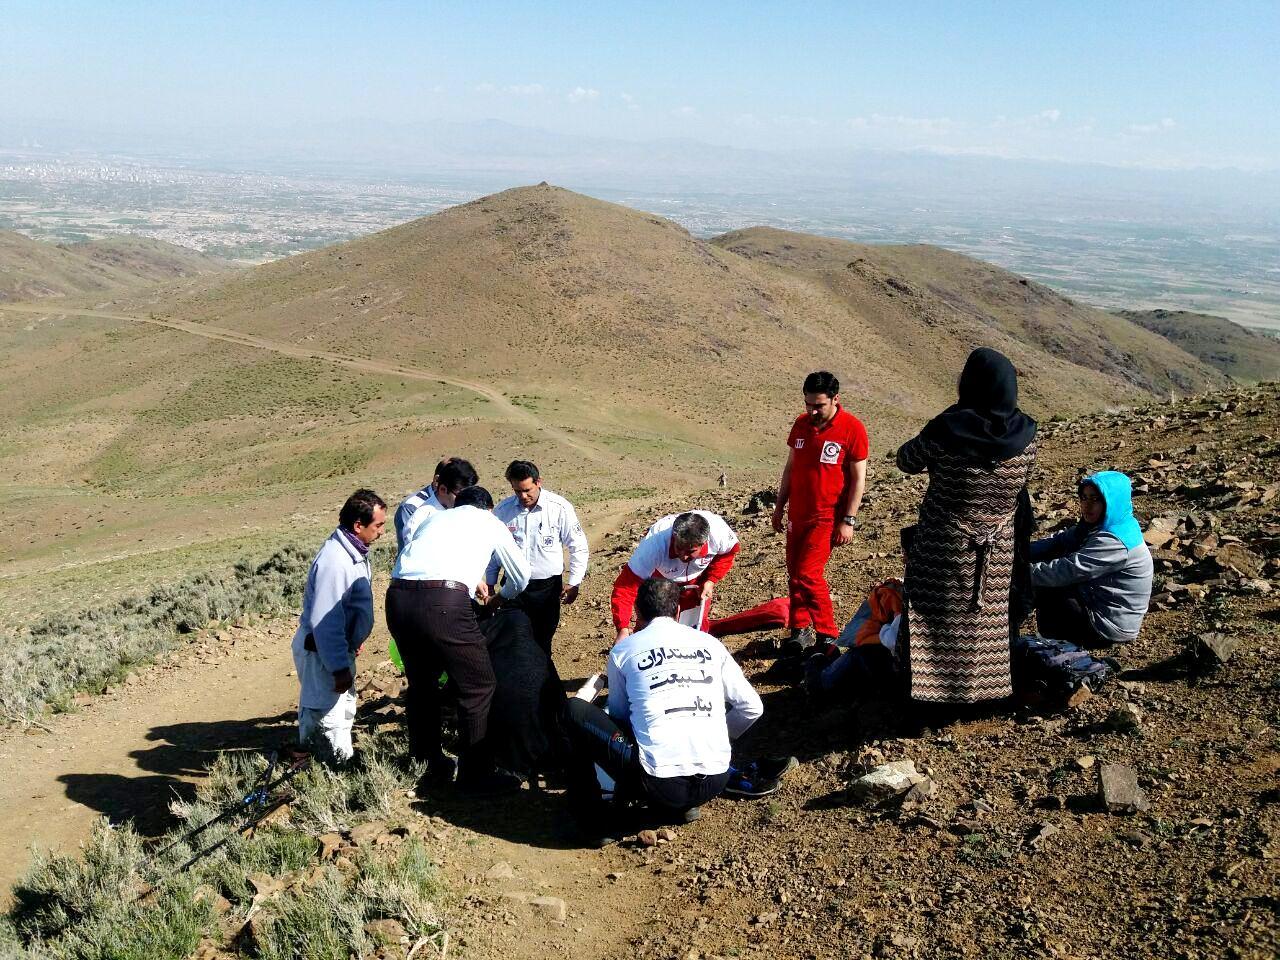 سقوط کوهنورد زن از ارتفاعات شهرستان بناب